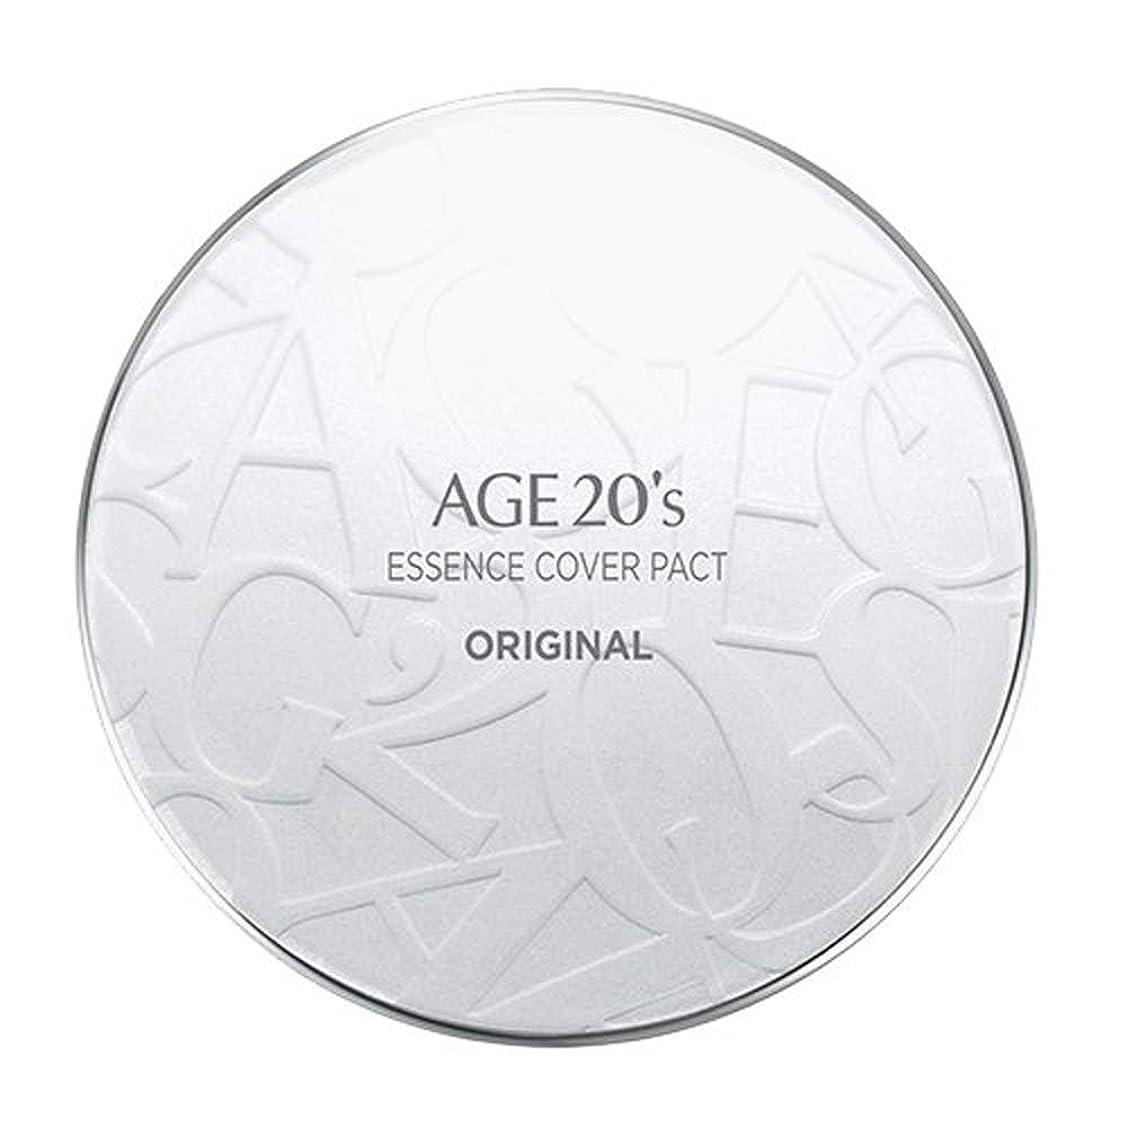 単なる旧正月記憶AGE 20's(エイジ20's) エッセンスカバーパクトオリジナル(本品1個+リフィル2個付)ケースカラーホワイト (21号)